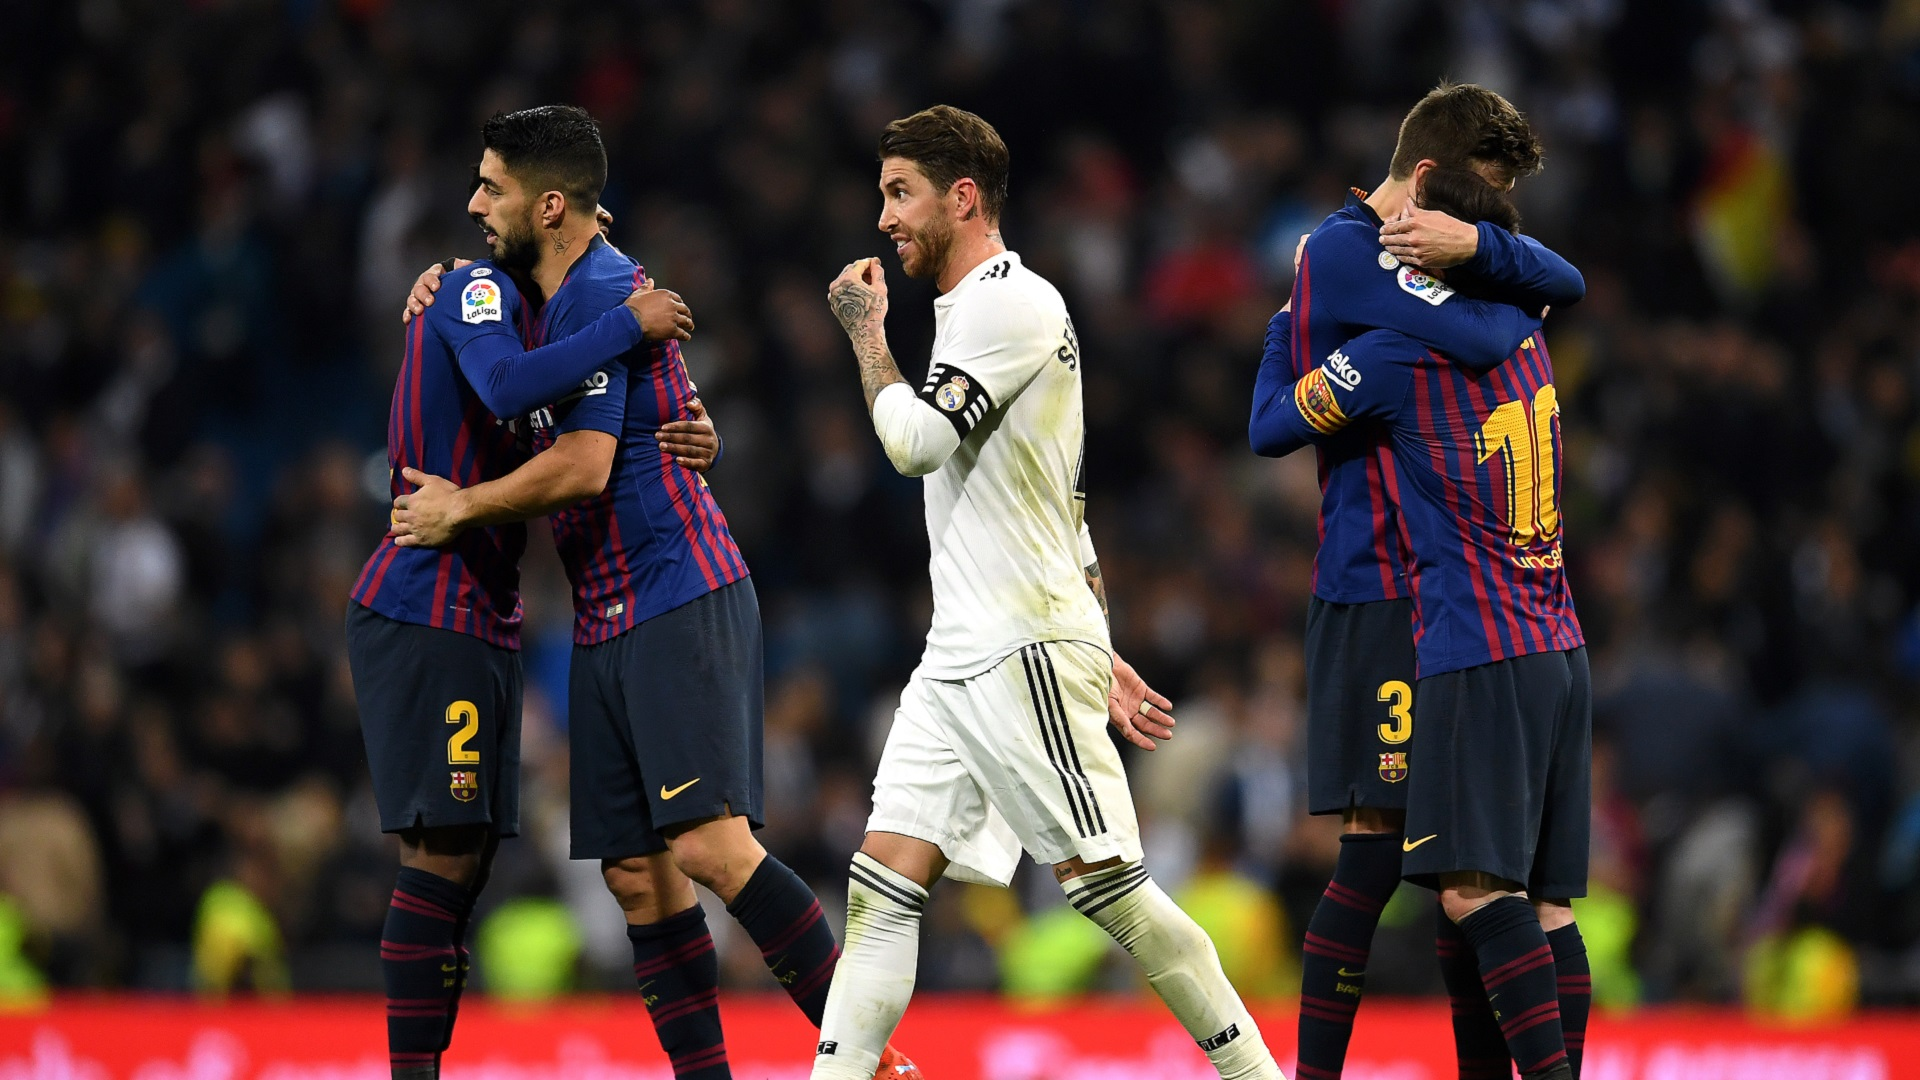 Rinviata Barcellona-Real Madrid: paura per l'ordine pubblico